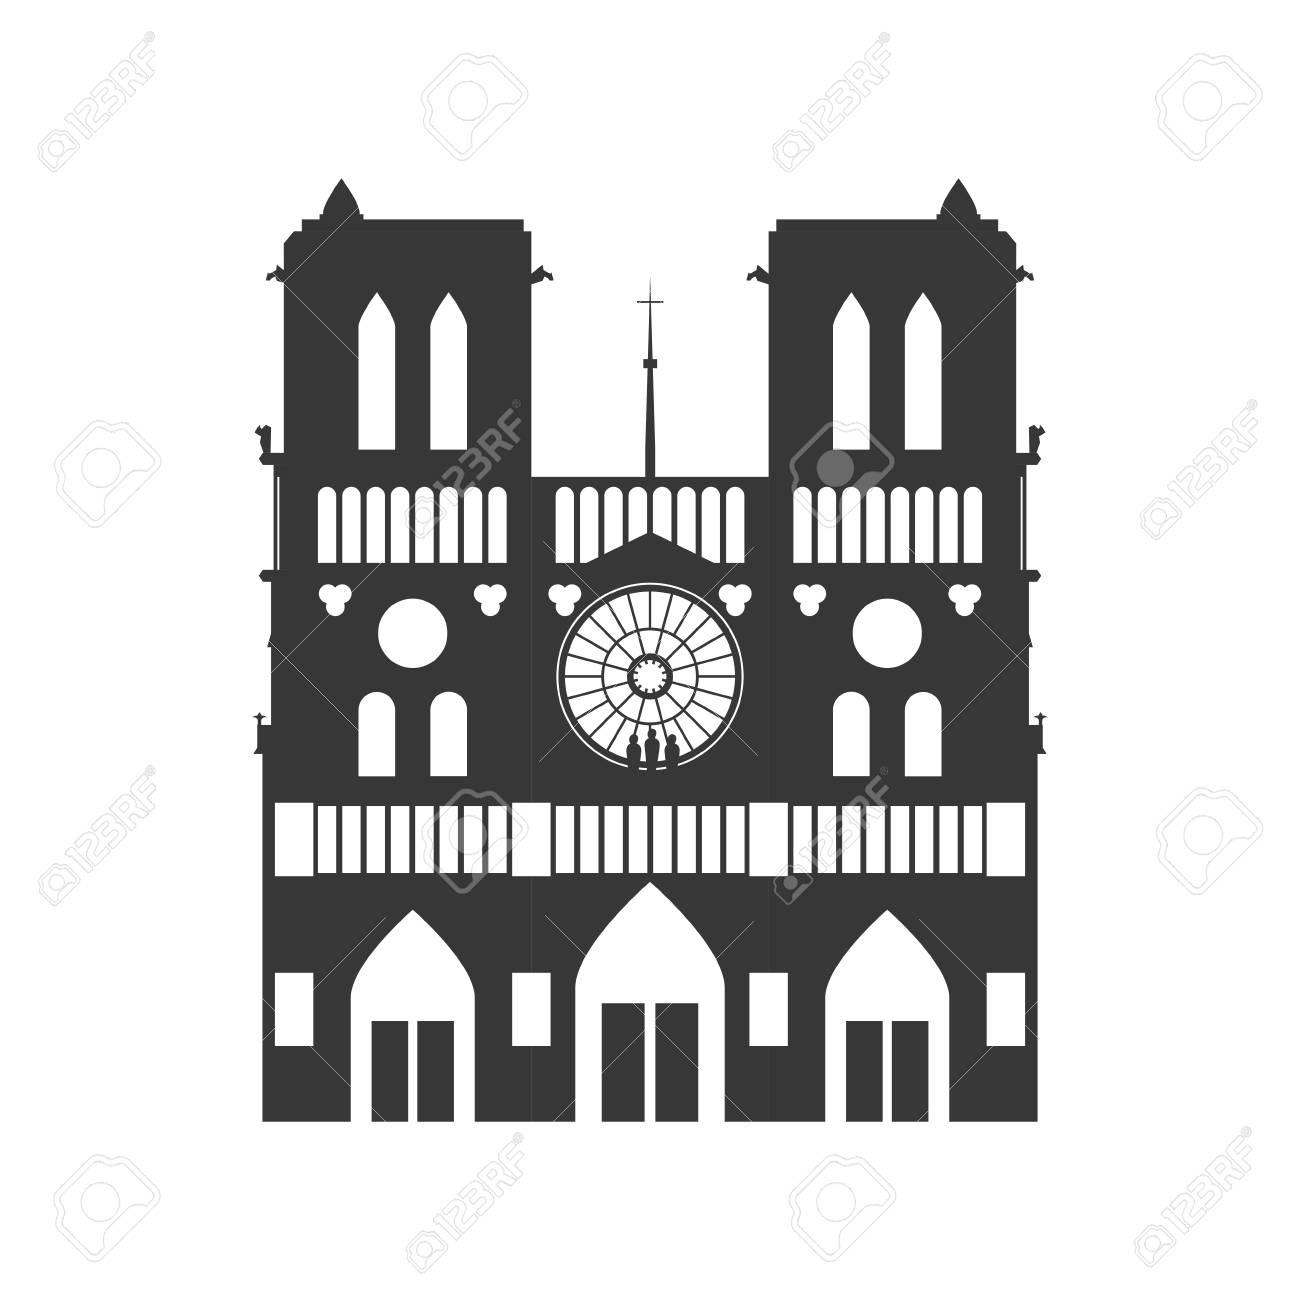 ノートルダム大聖堂 イラスト